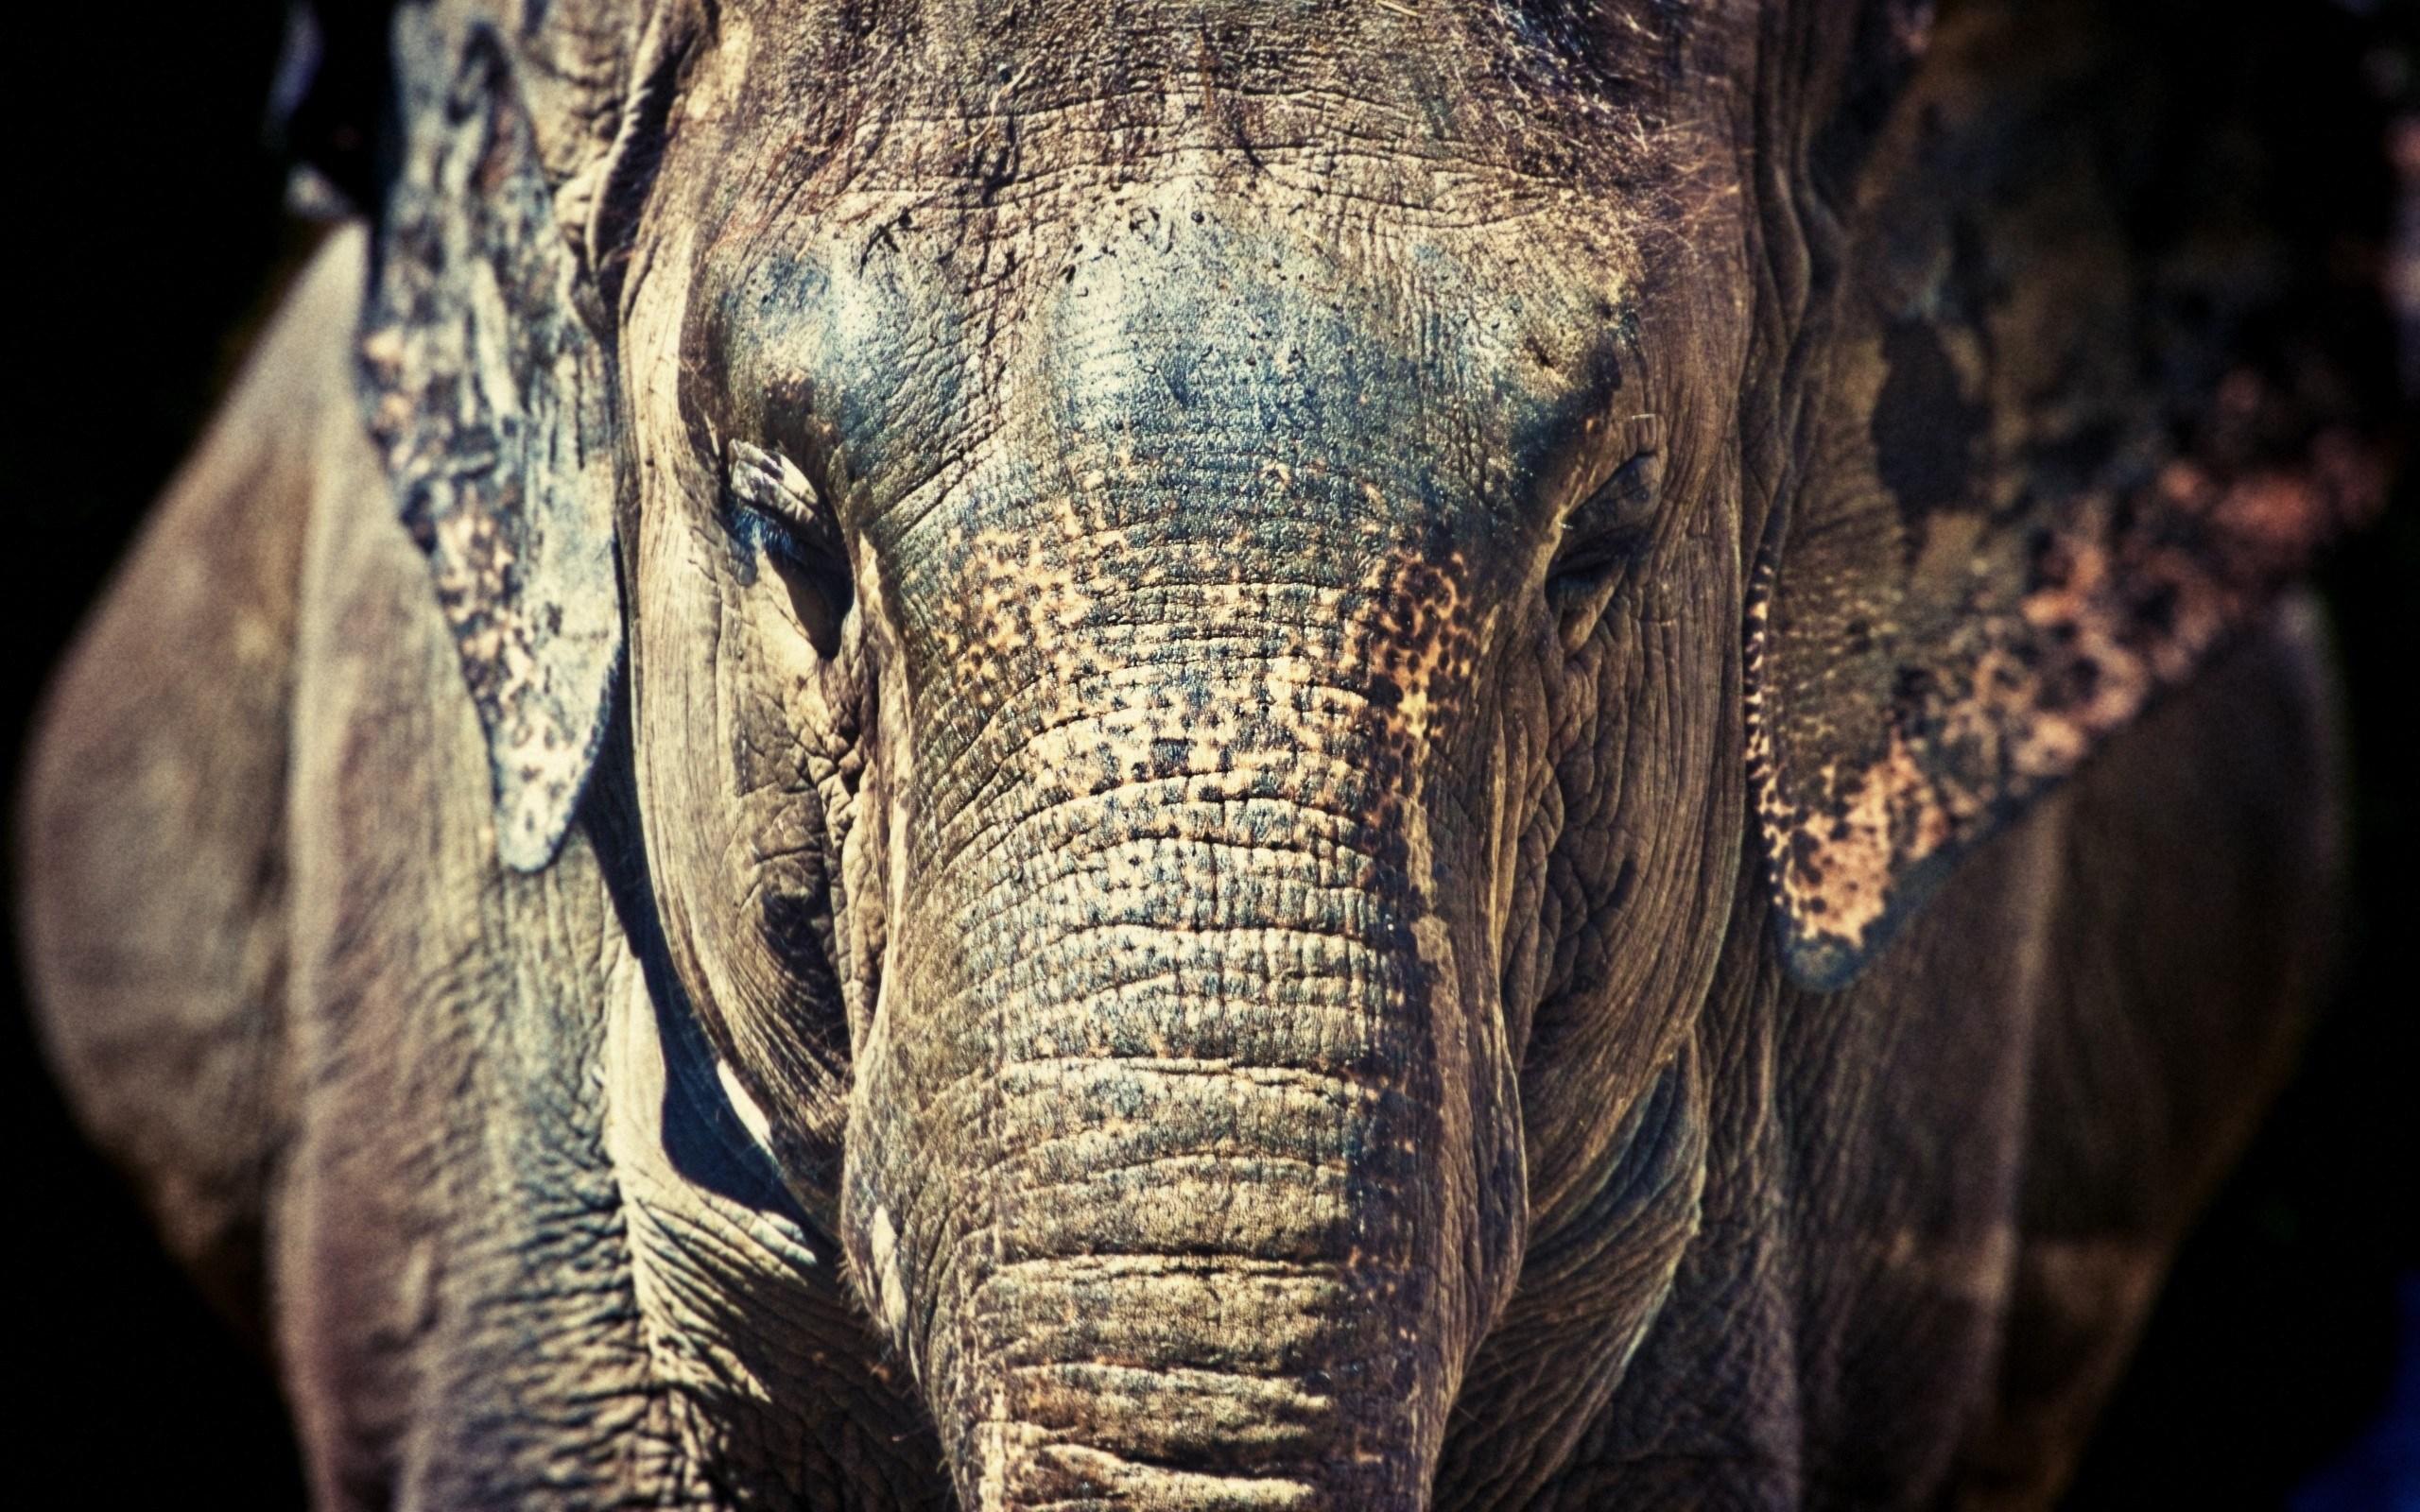 elephant images